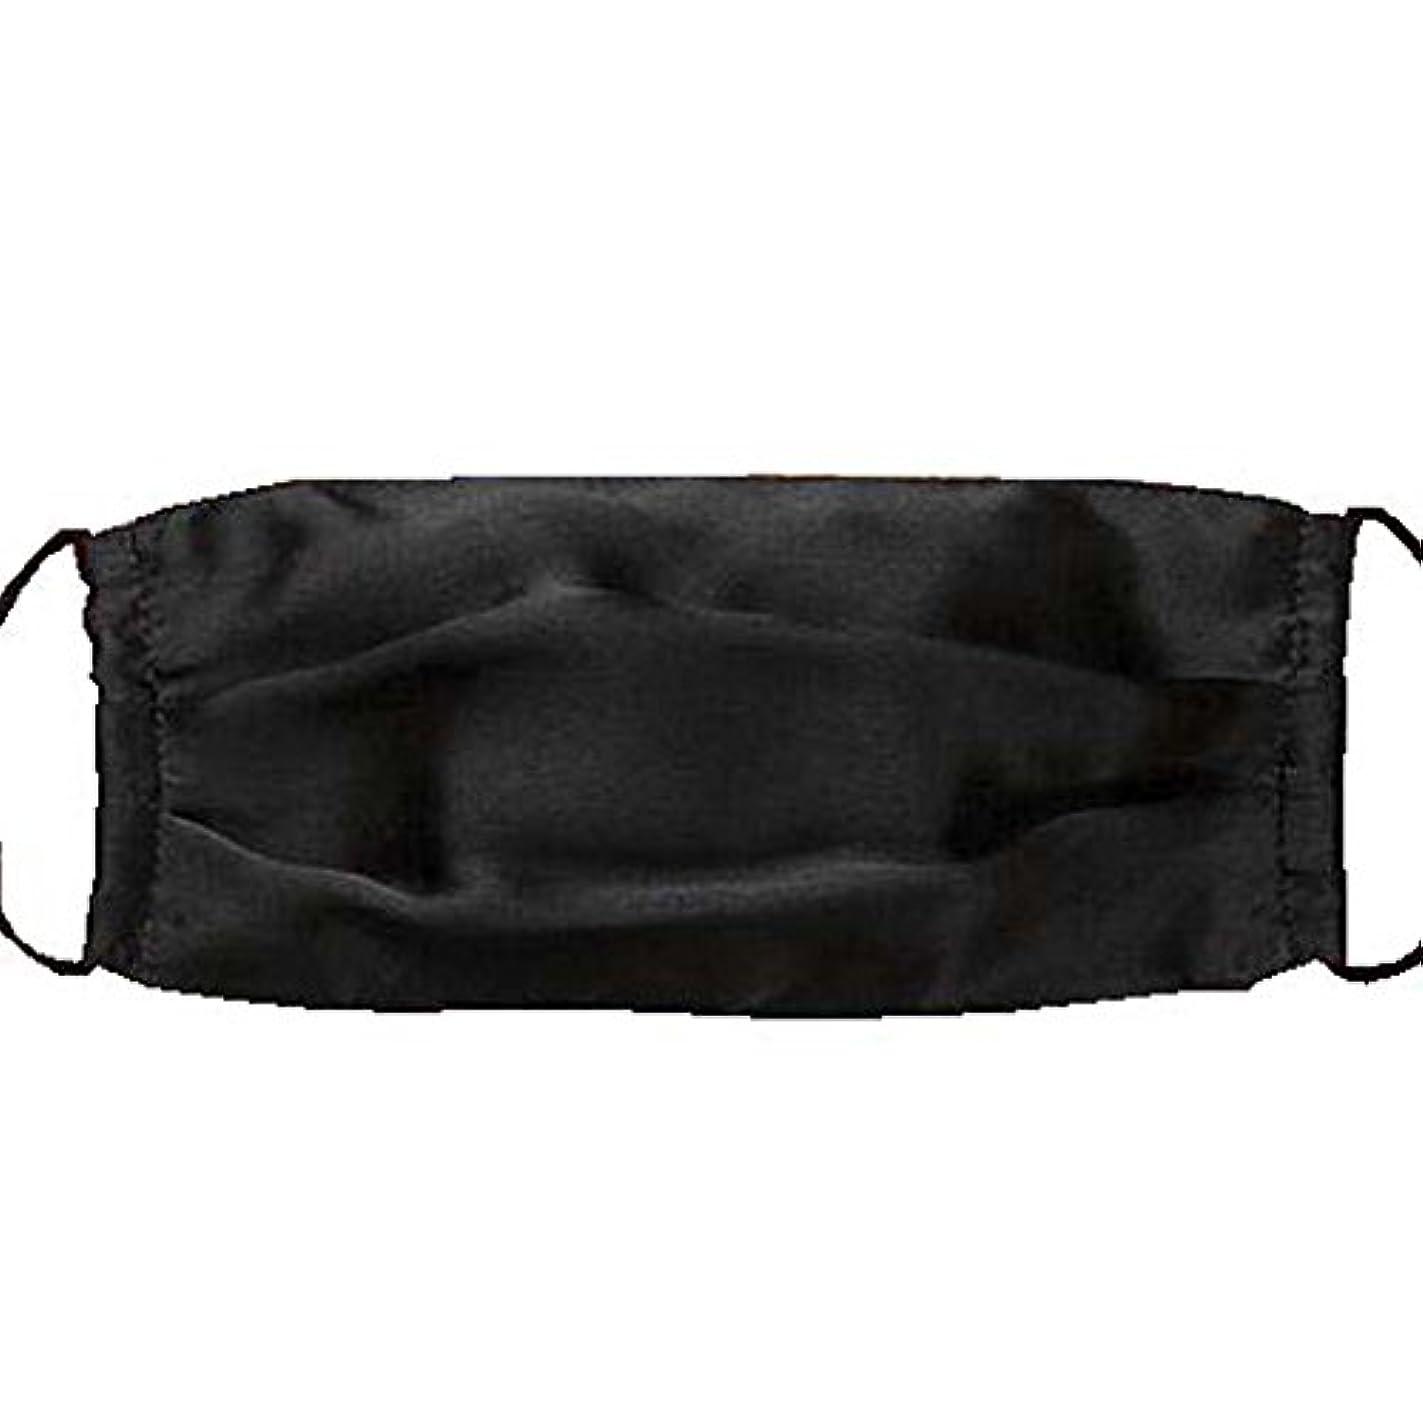 に関してチャップずらす再使用可能な洗浄可能な活性炭シルクウォームPM 2.5ダストマスクインフルエンザマスク